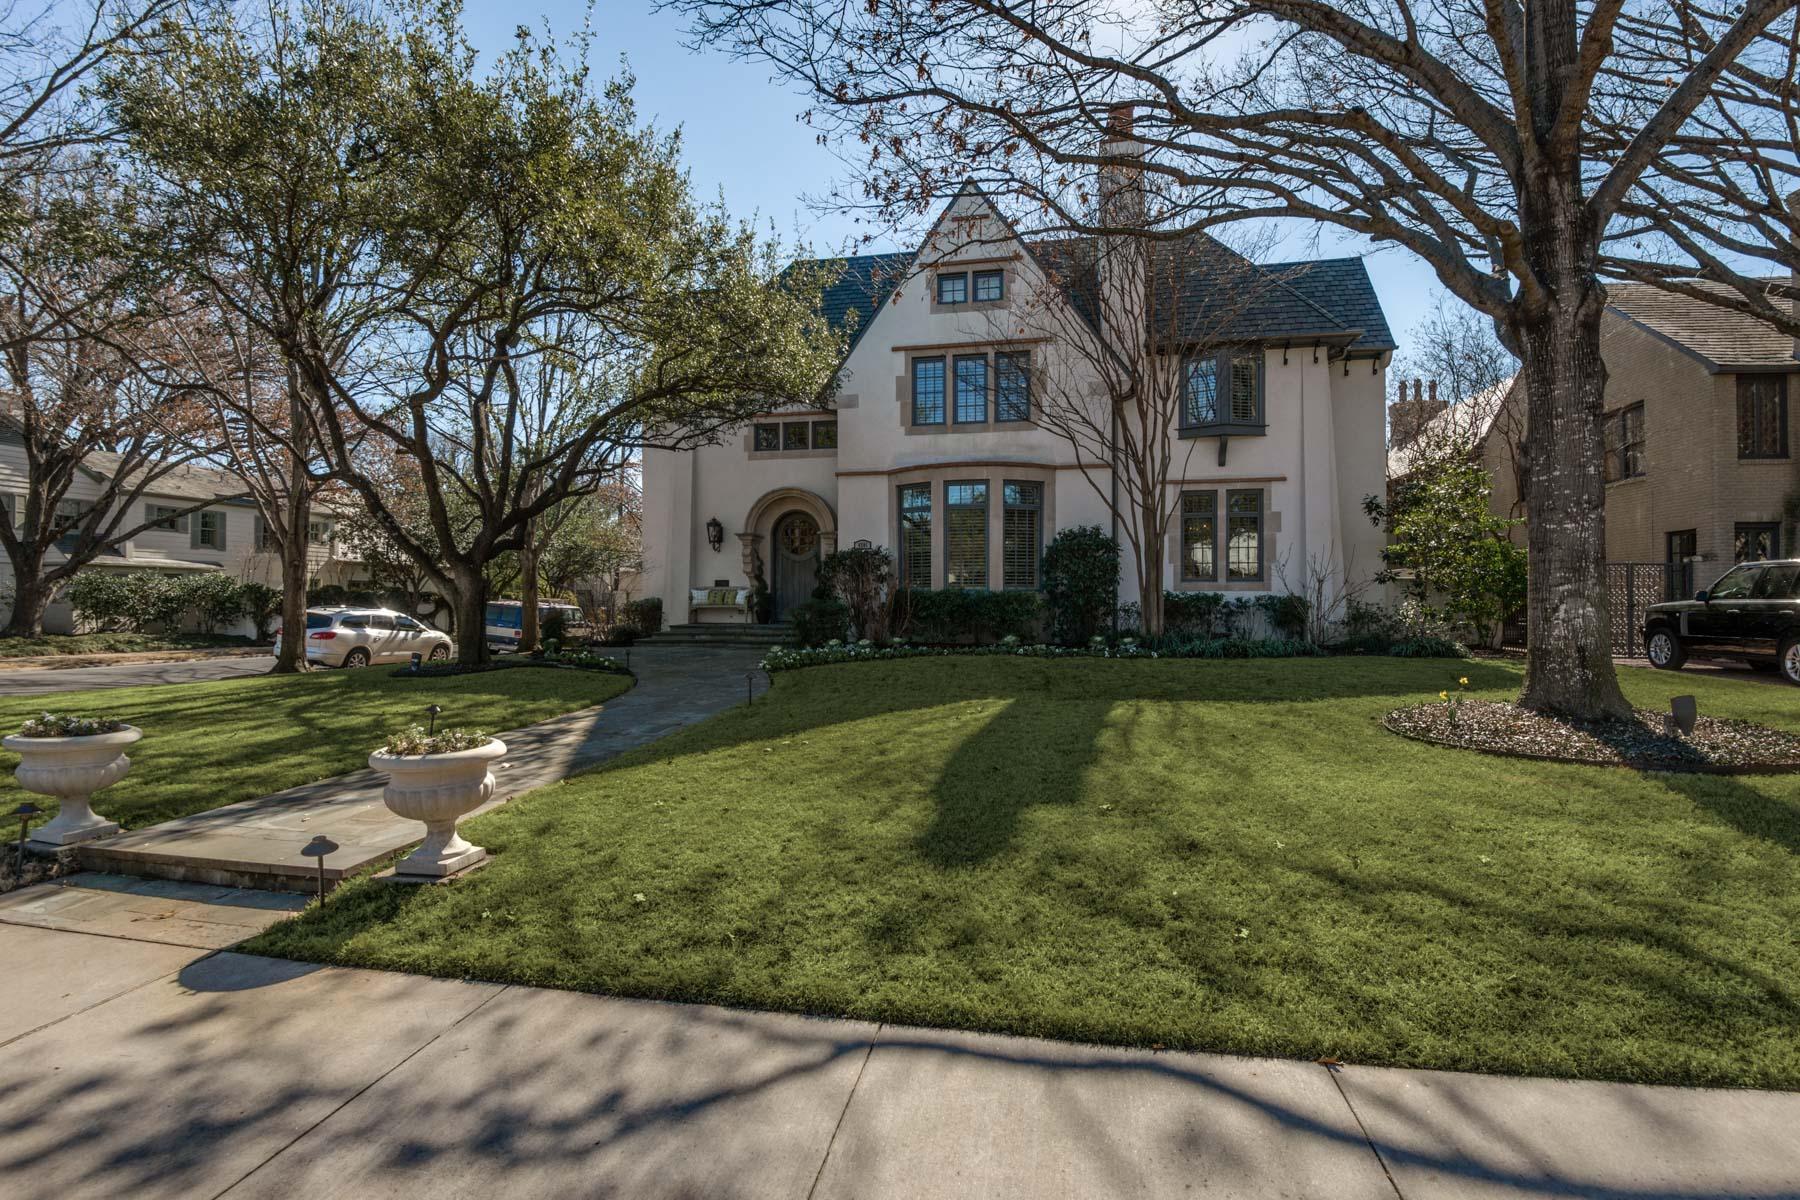 Частный односемейный дом для того Продажа на Stellar Construction in Sterling Location 4201 Windsor Pkwy Dallas, Техас, 75205 Соединенные Штаты